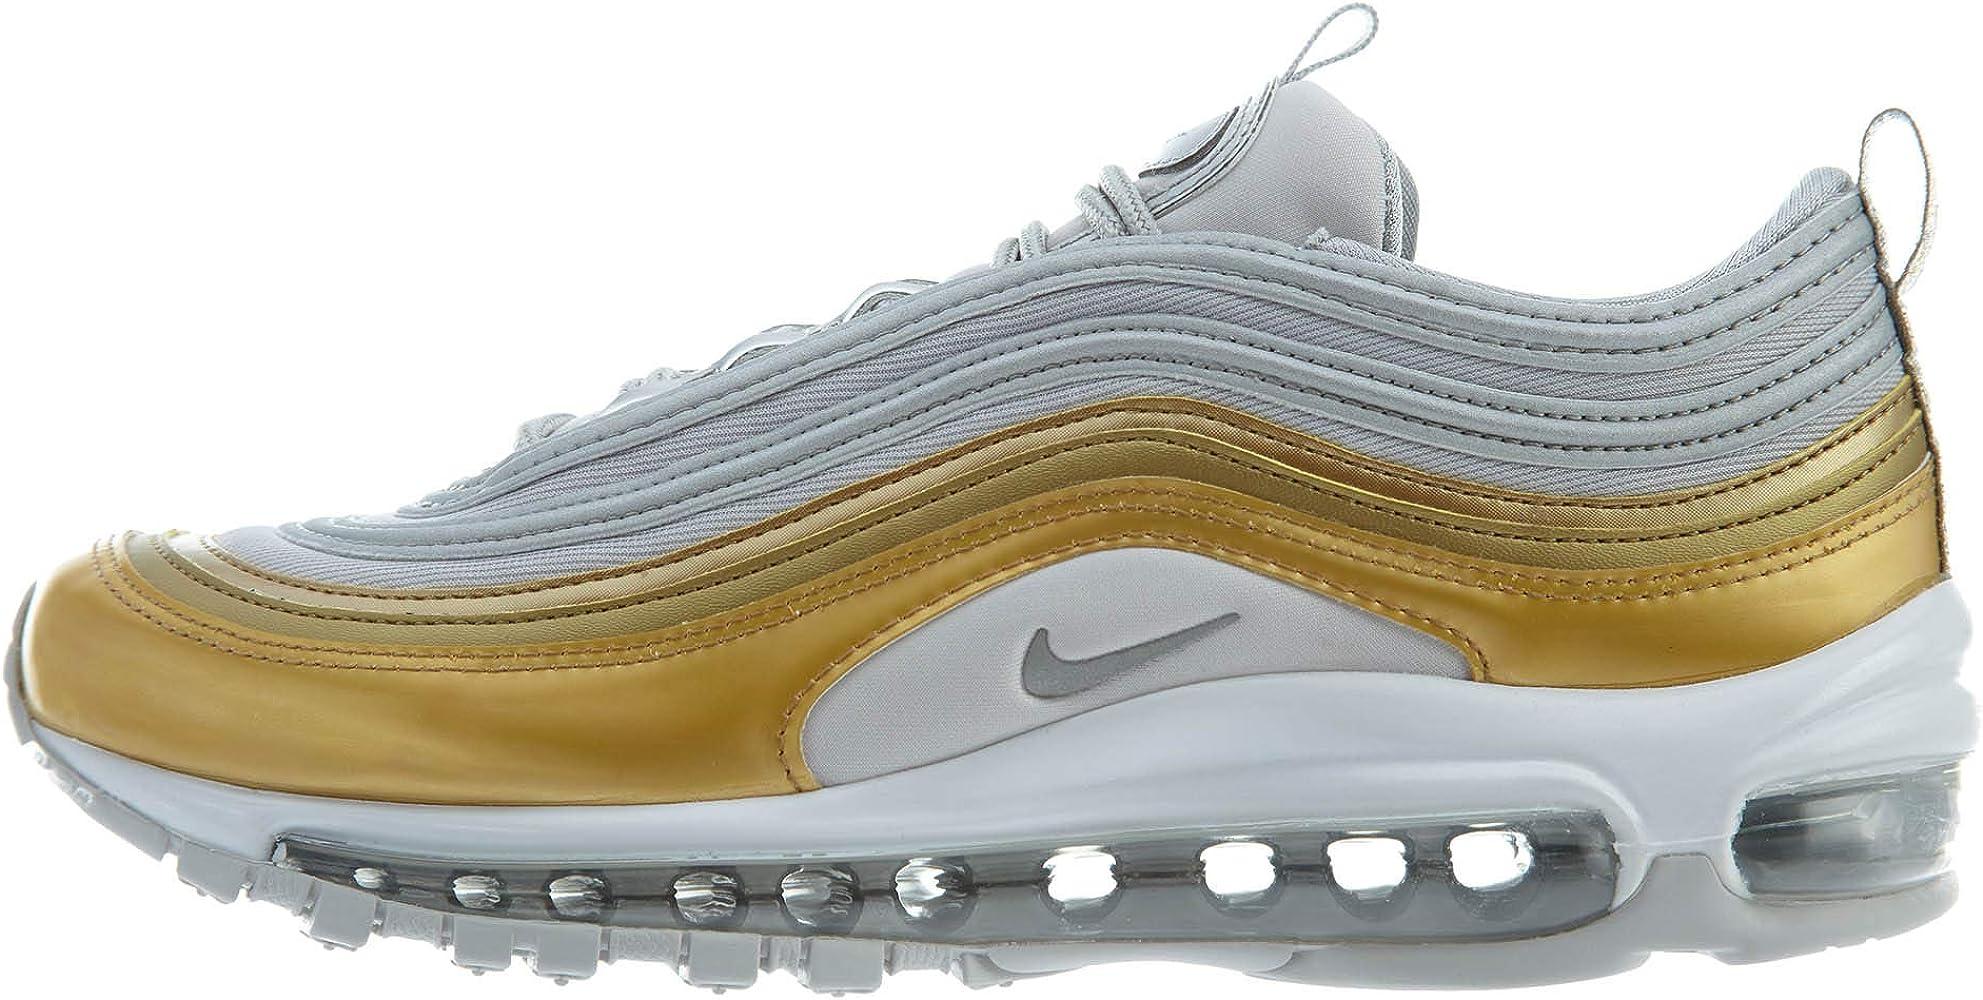 Nike W Air MAX 97 Se, Zapatillas de Entrenamiento para Mujer, Multicolor (Vast Grey/Metallic Silver/Metallic Gold 001), 41 EU: Amazon.es: Zapatos y complementos